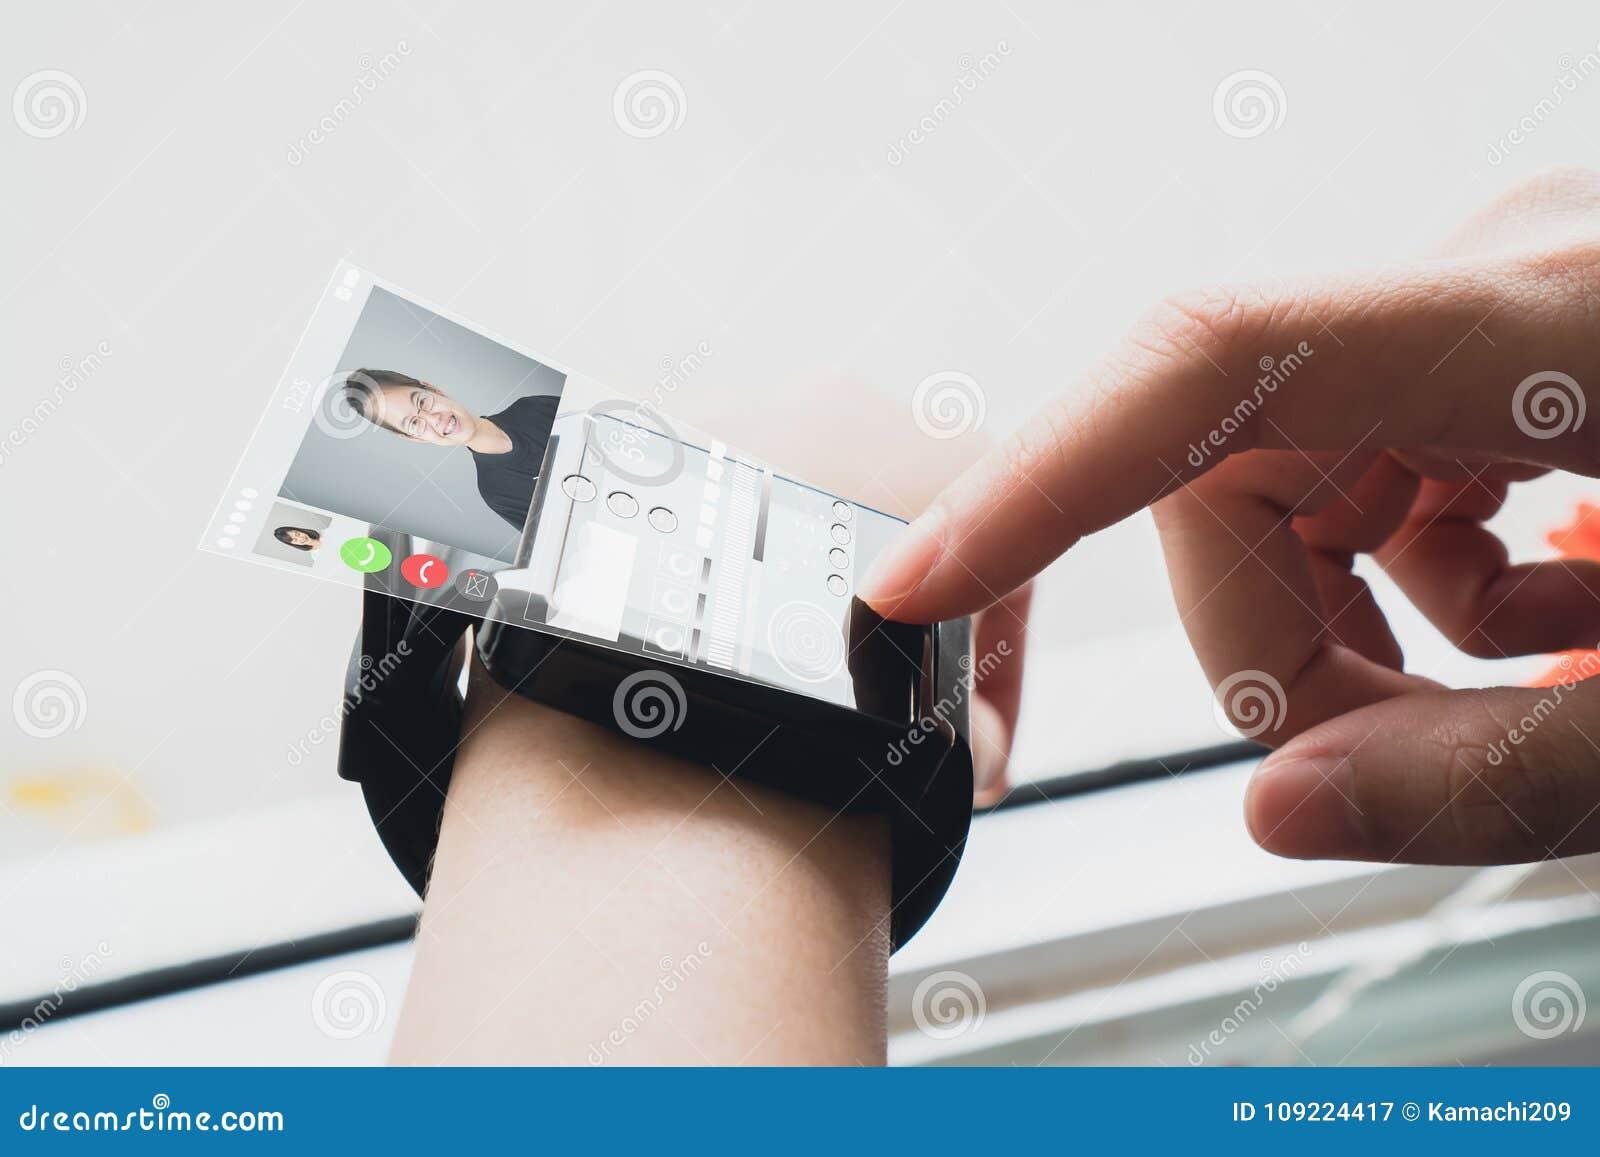 Mulher em um pulso de disparo digital da mostra branca do vestido que indica telas digitais para comunicar frente a frente